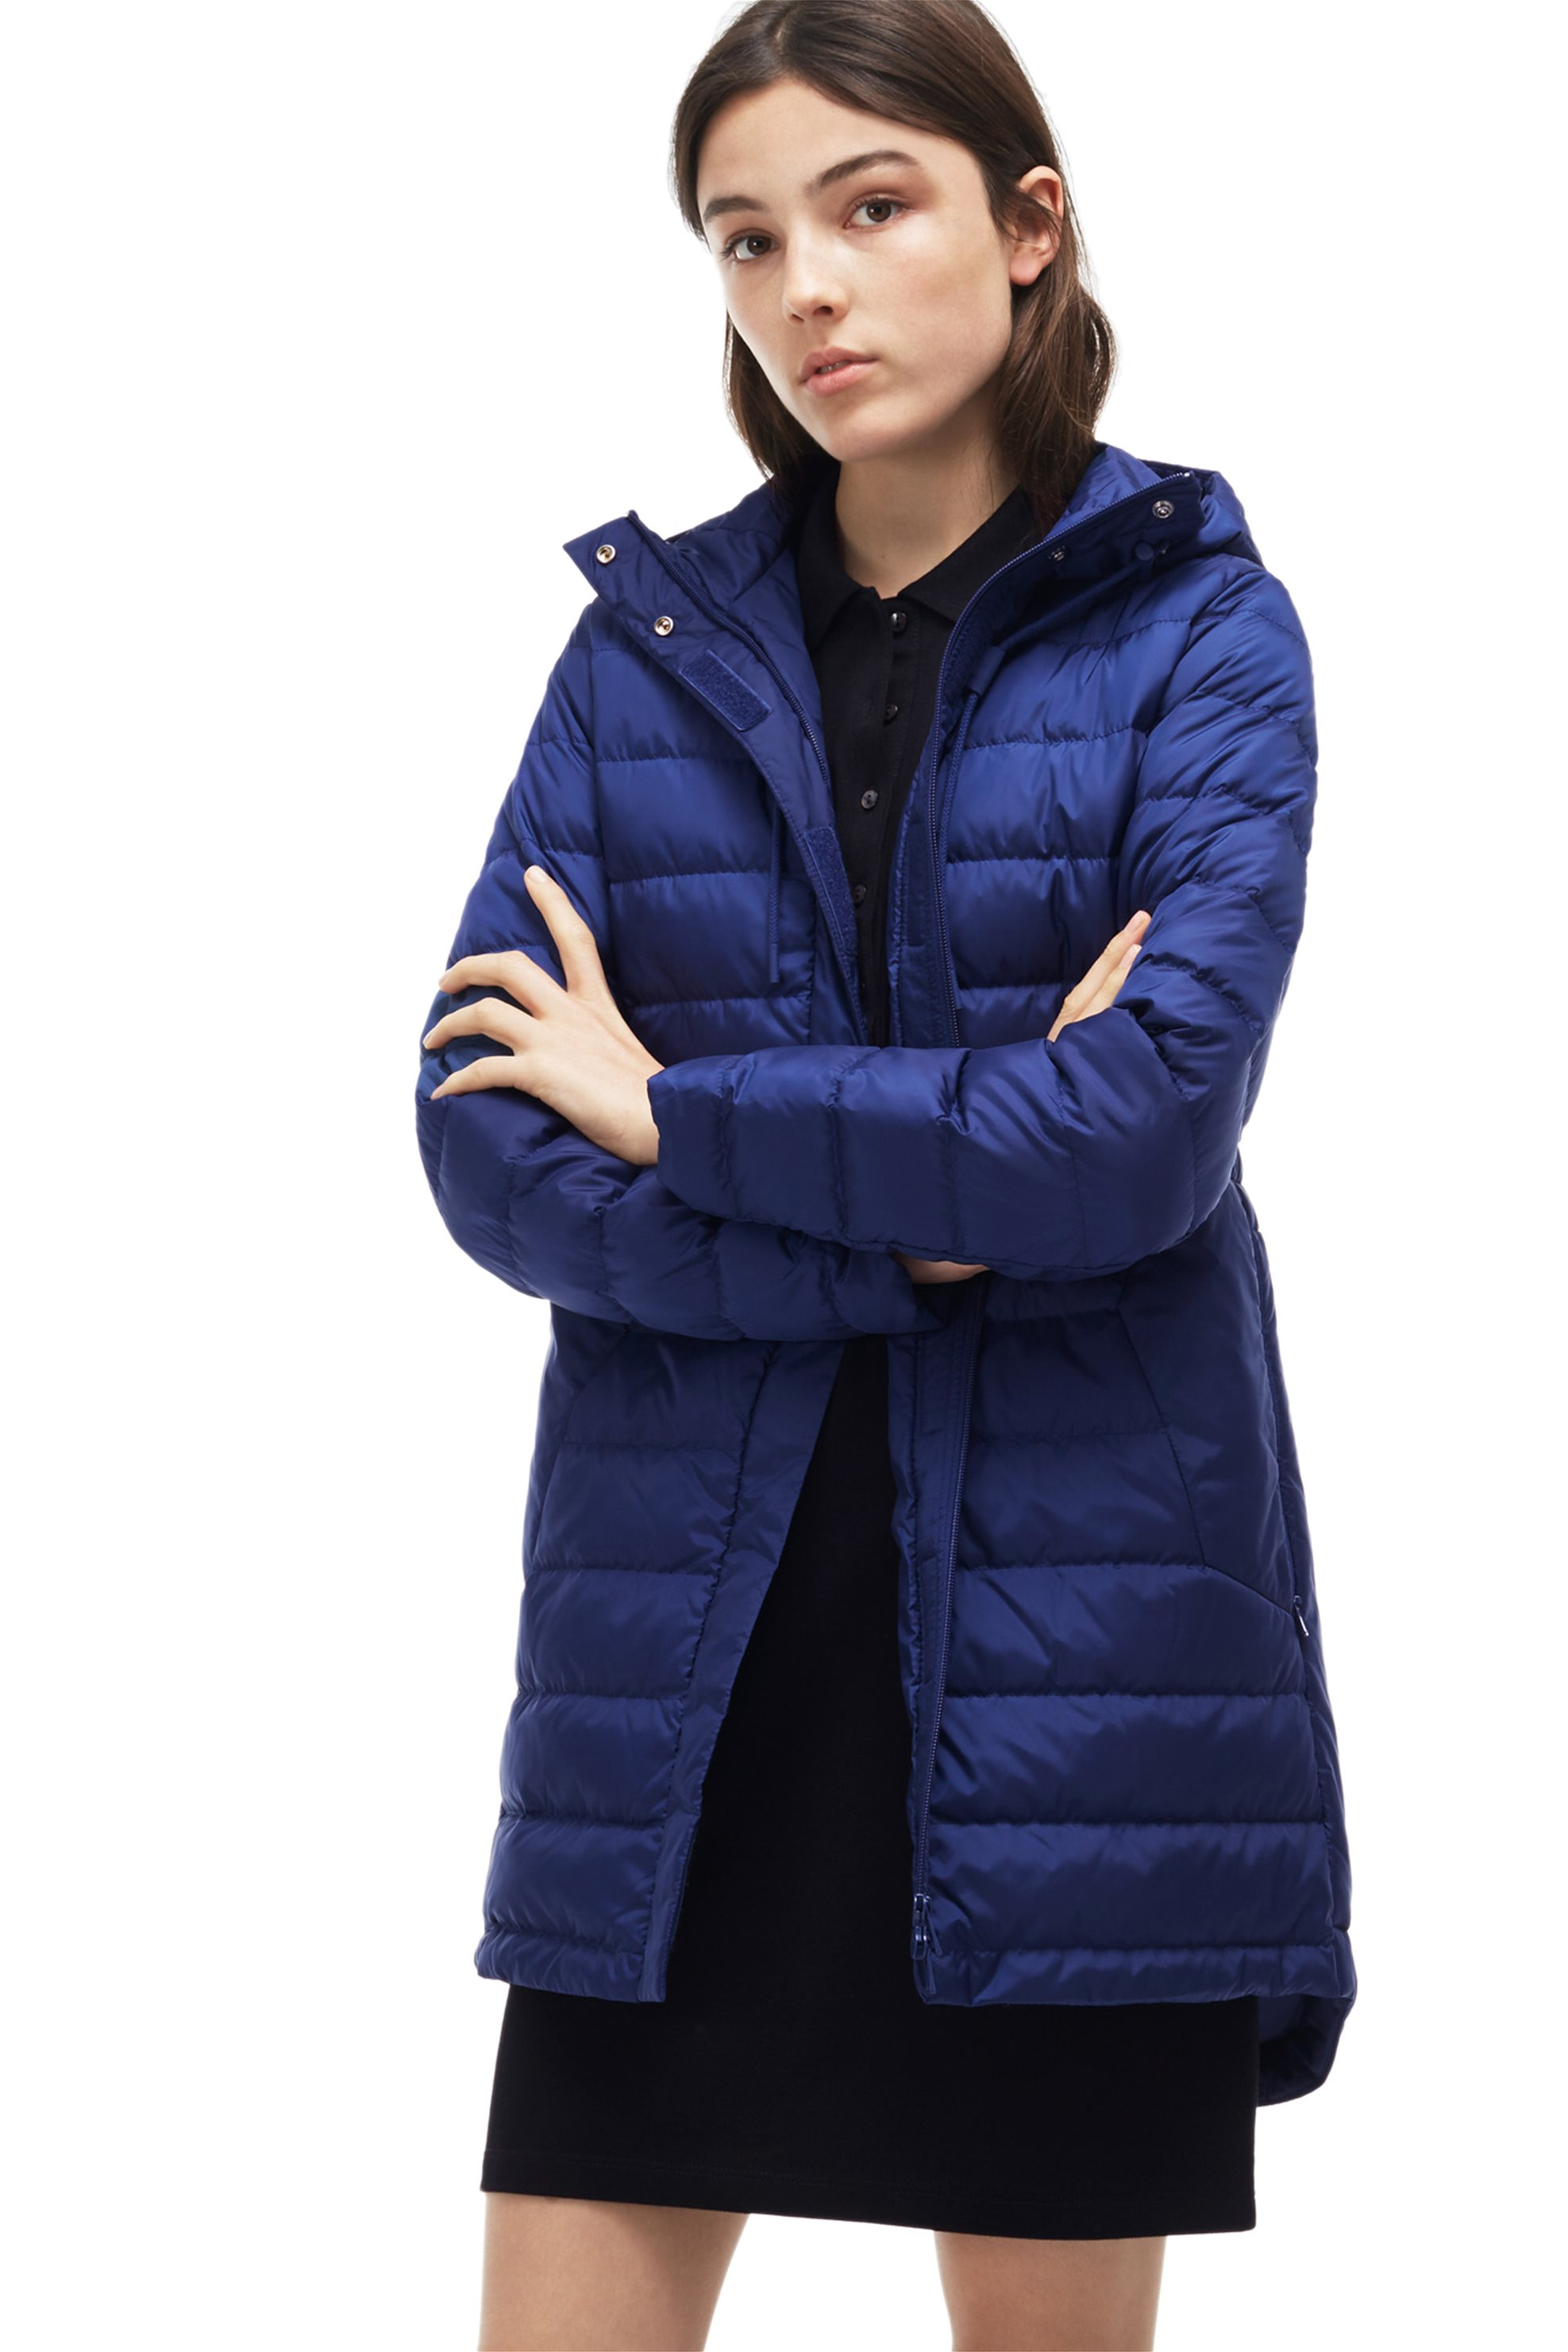 Γυναικείο μπουφάν Lacoste - BF9069 - Μπλε Ηλεκτρίκ γυναικα   ρουχα   πανωφόρια   μπουφάν   σακάκια